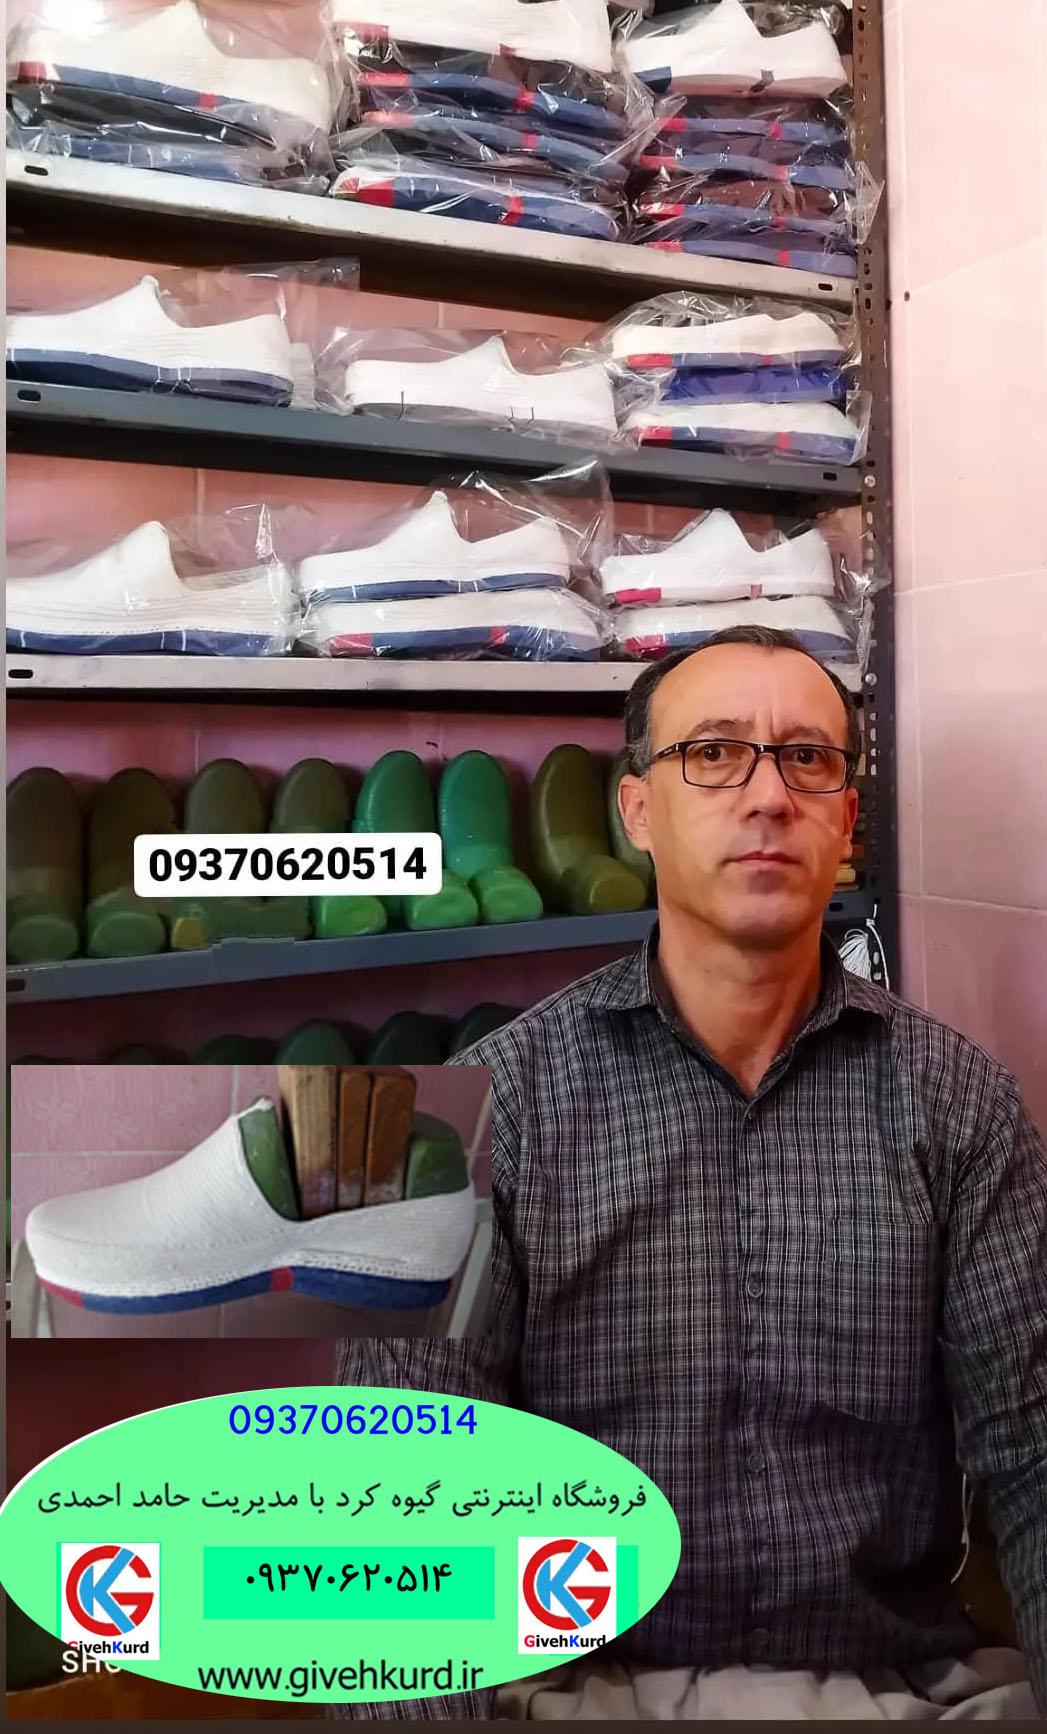 فروشگاه اینترنتی گیوه کرد با مدیریت حامد احمدی